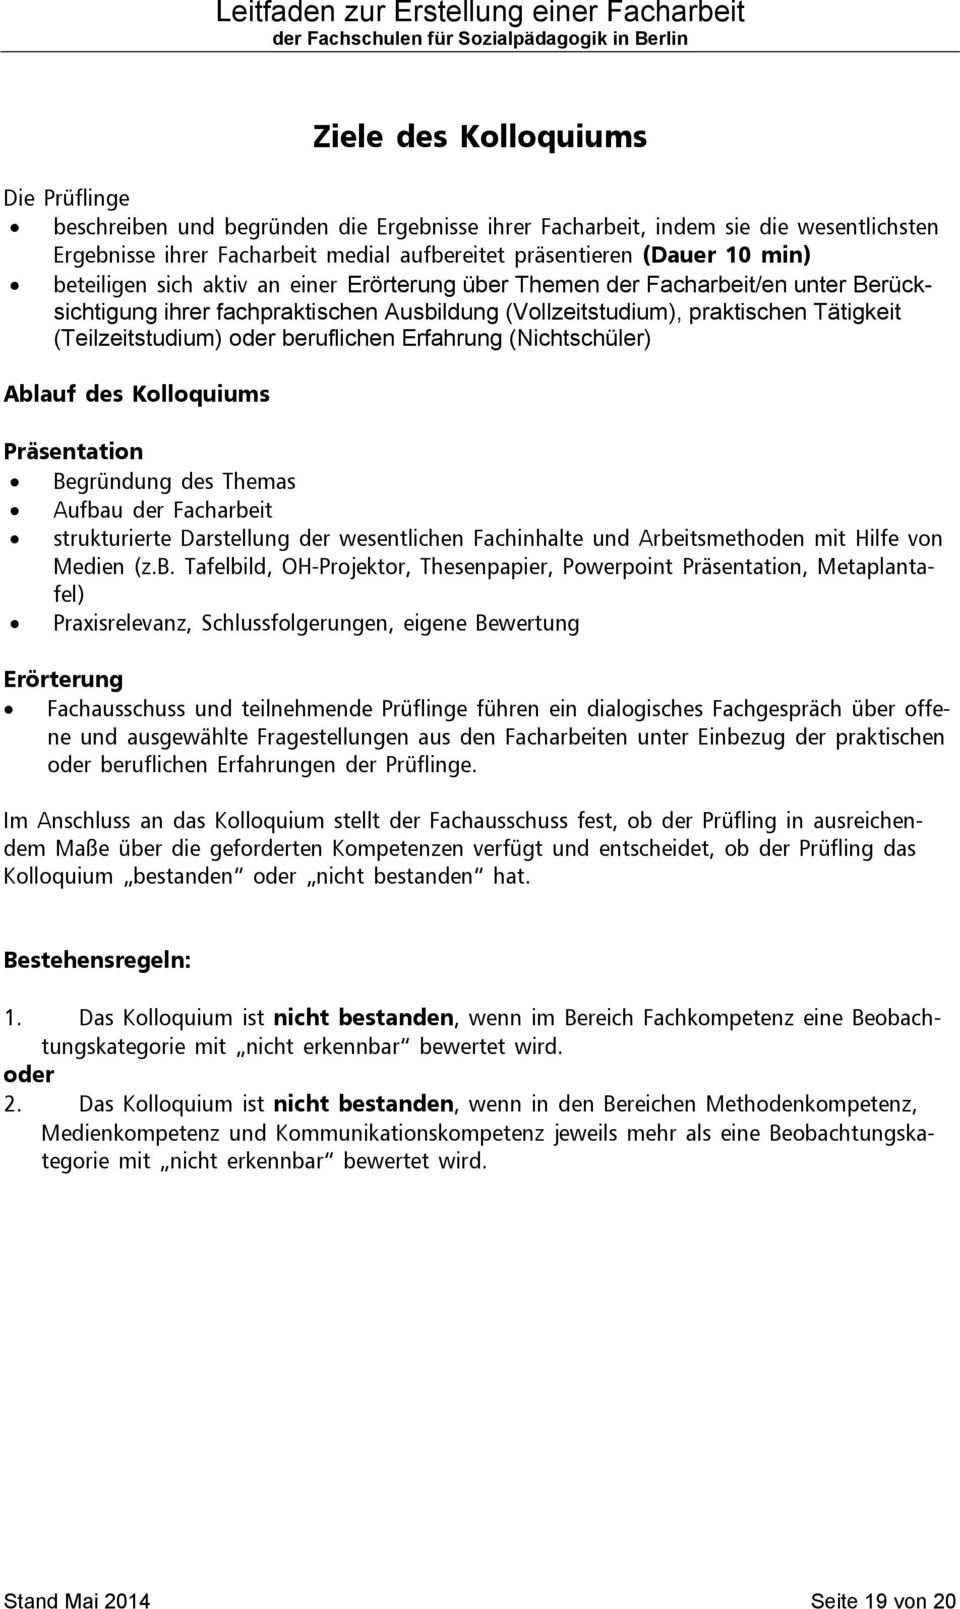 Leitfaden Zur Erstellung Einer Facharbeit Der Fachschulen Fur Sozialpadagogik In Berlin Pdf Free Download